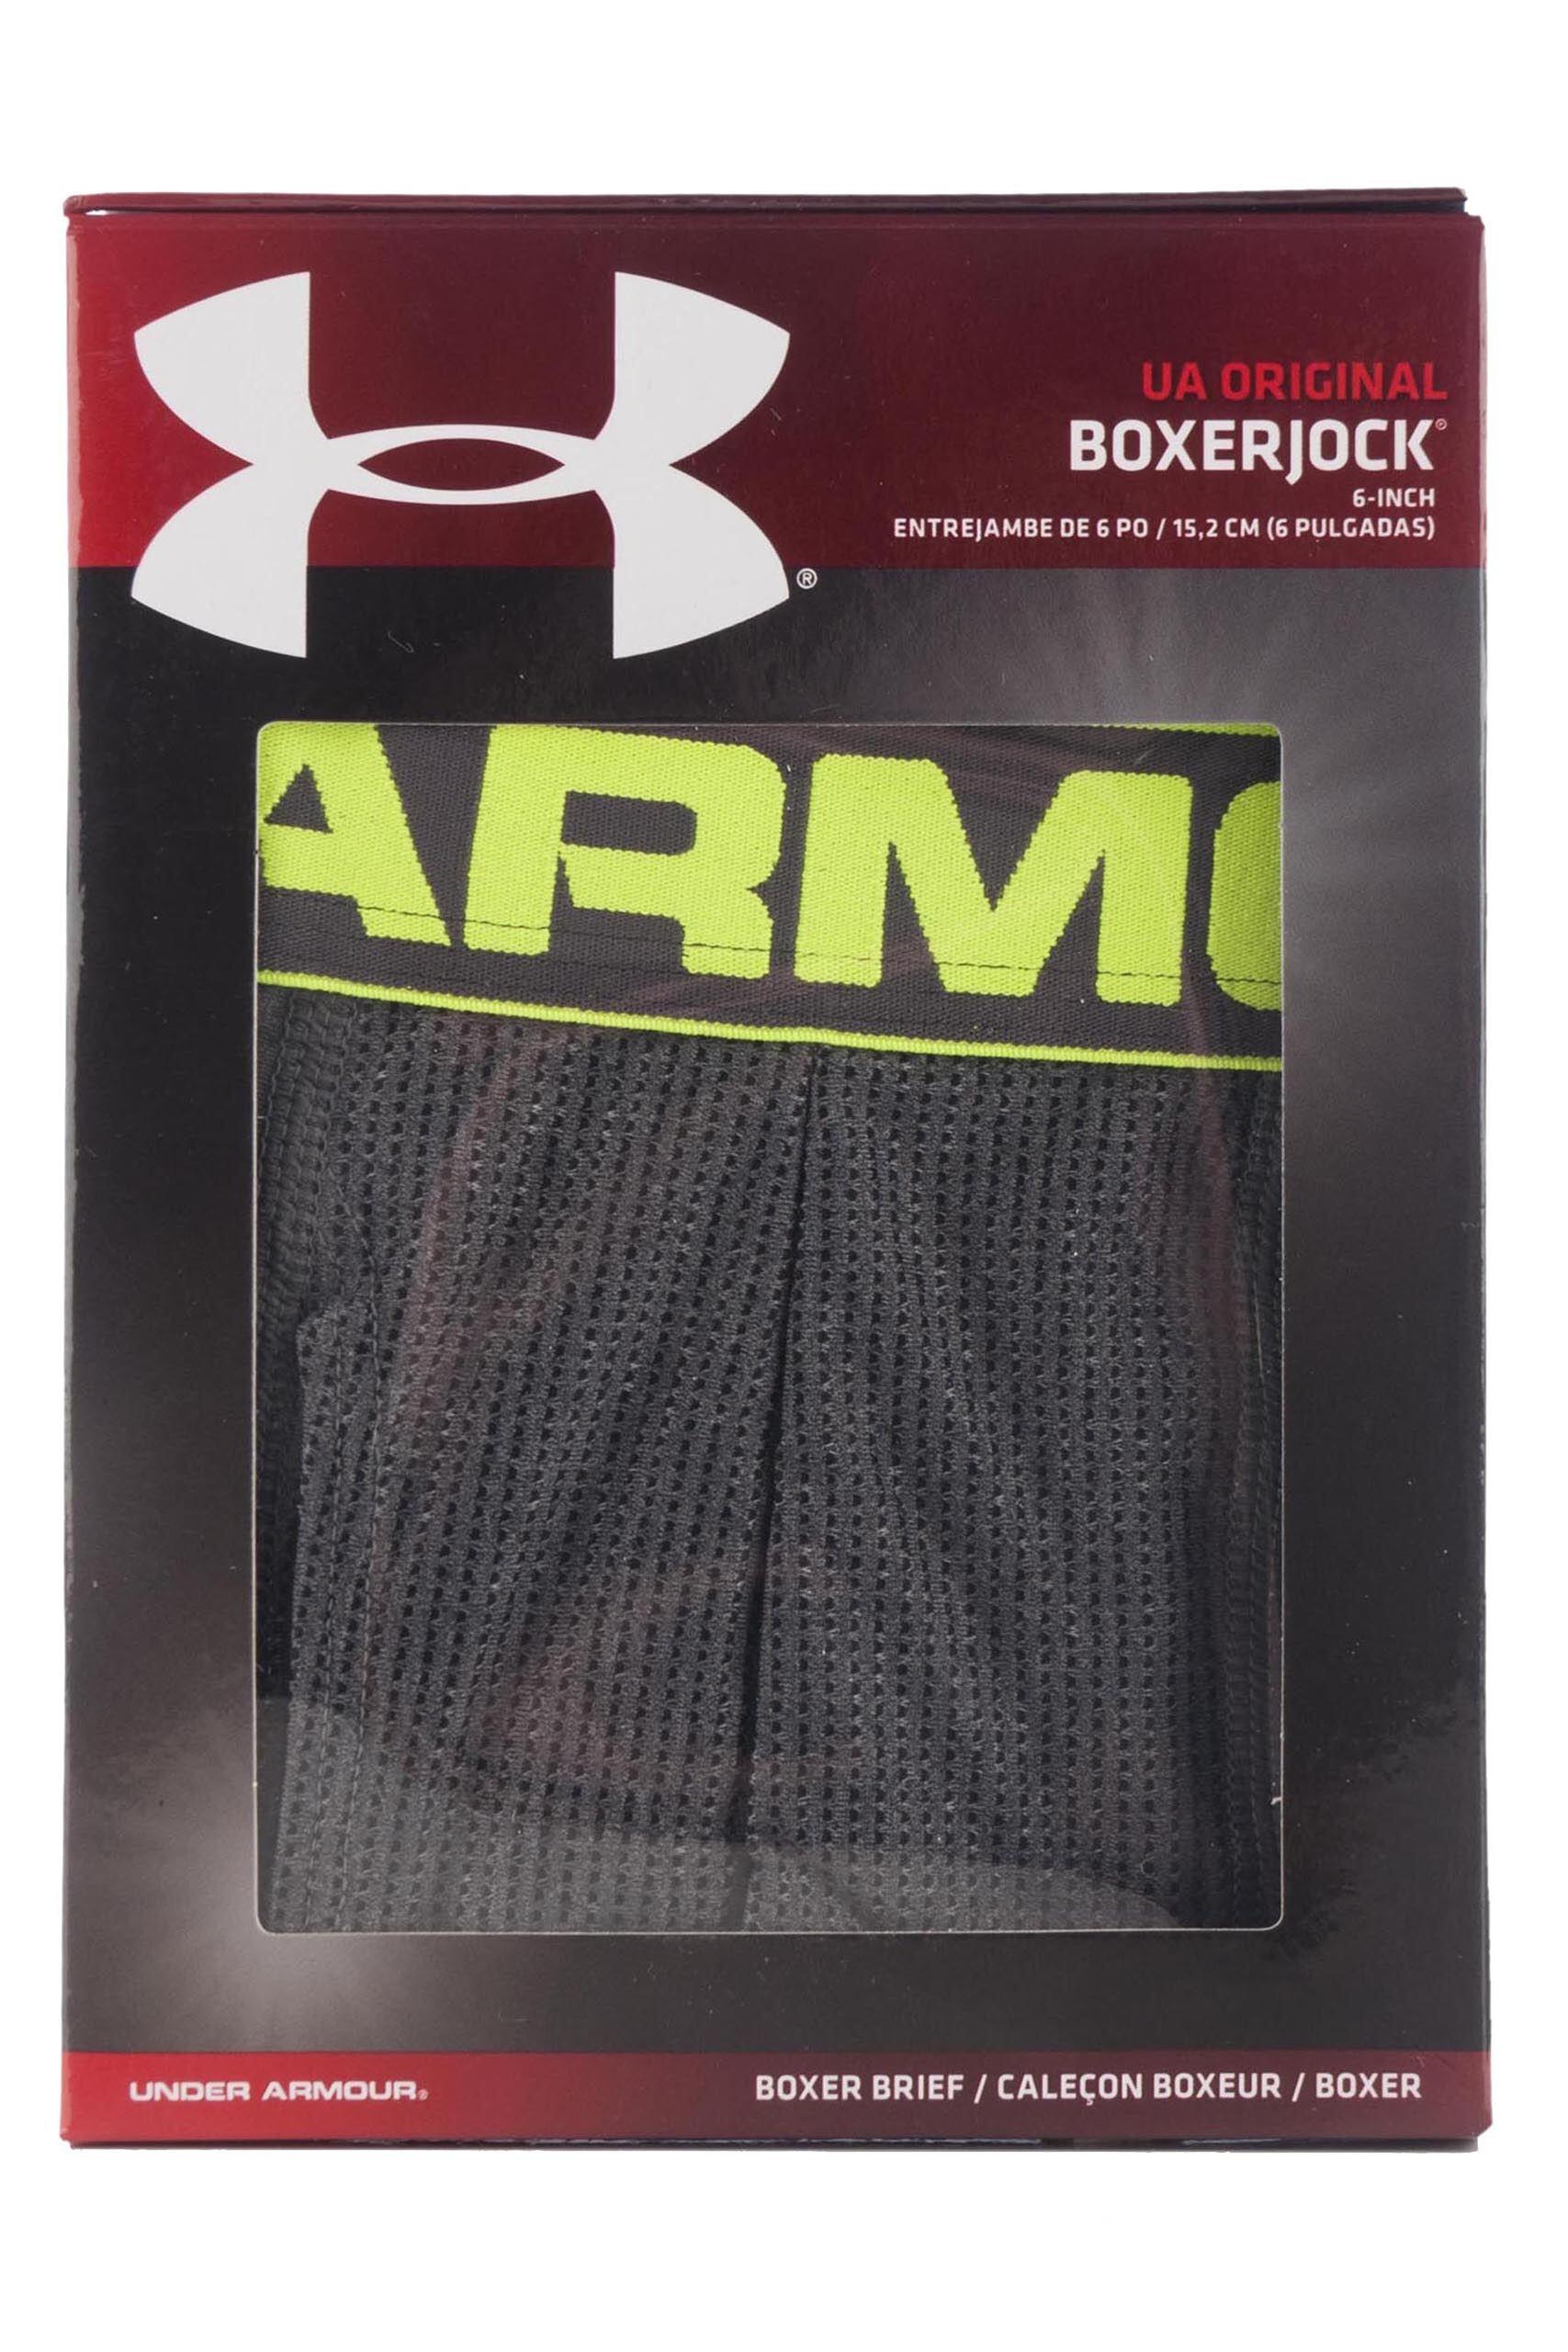 under armour boxerjock 6